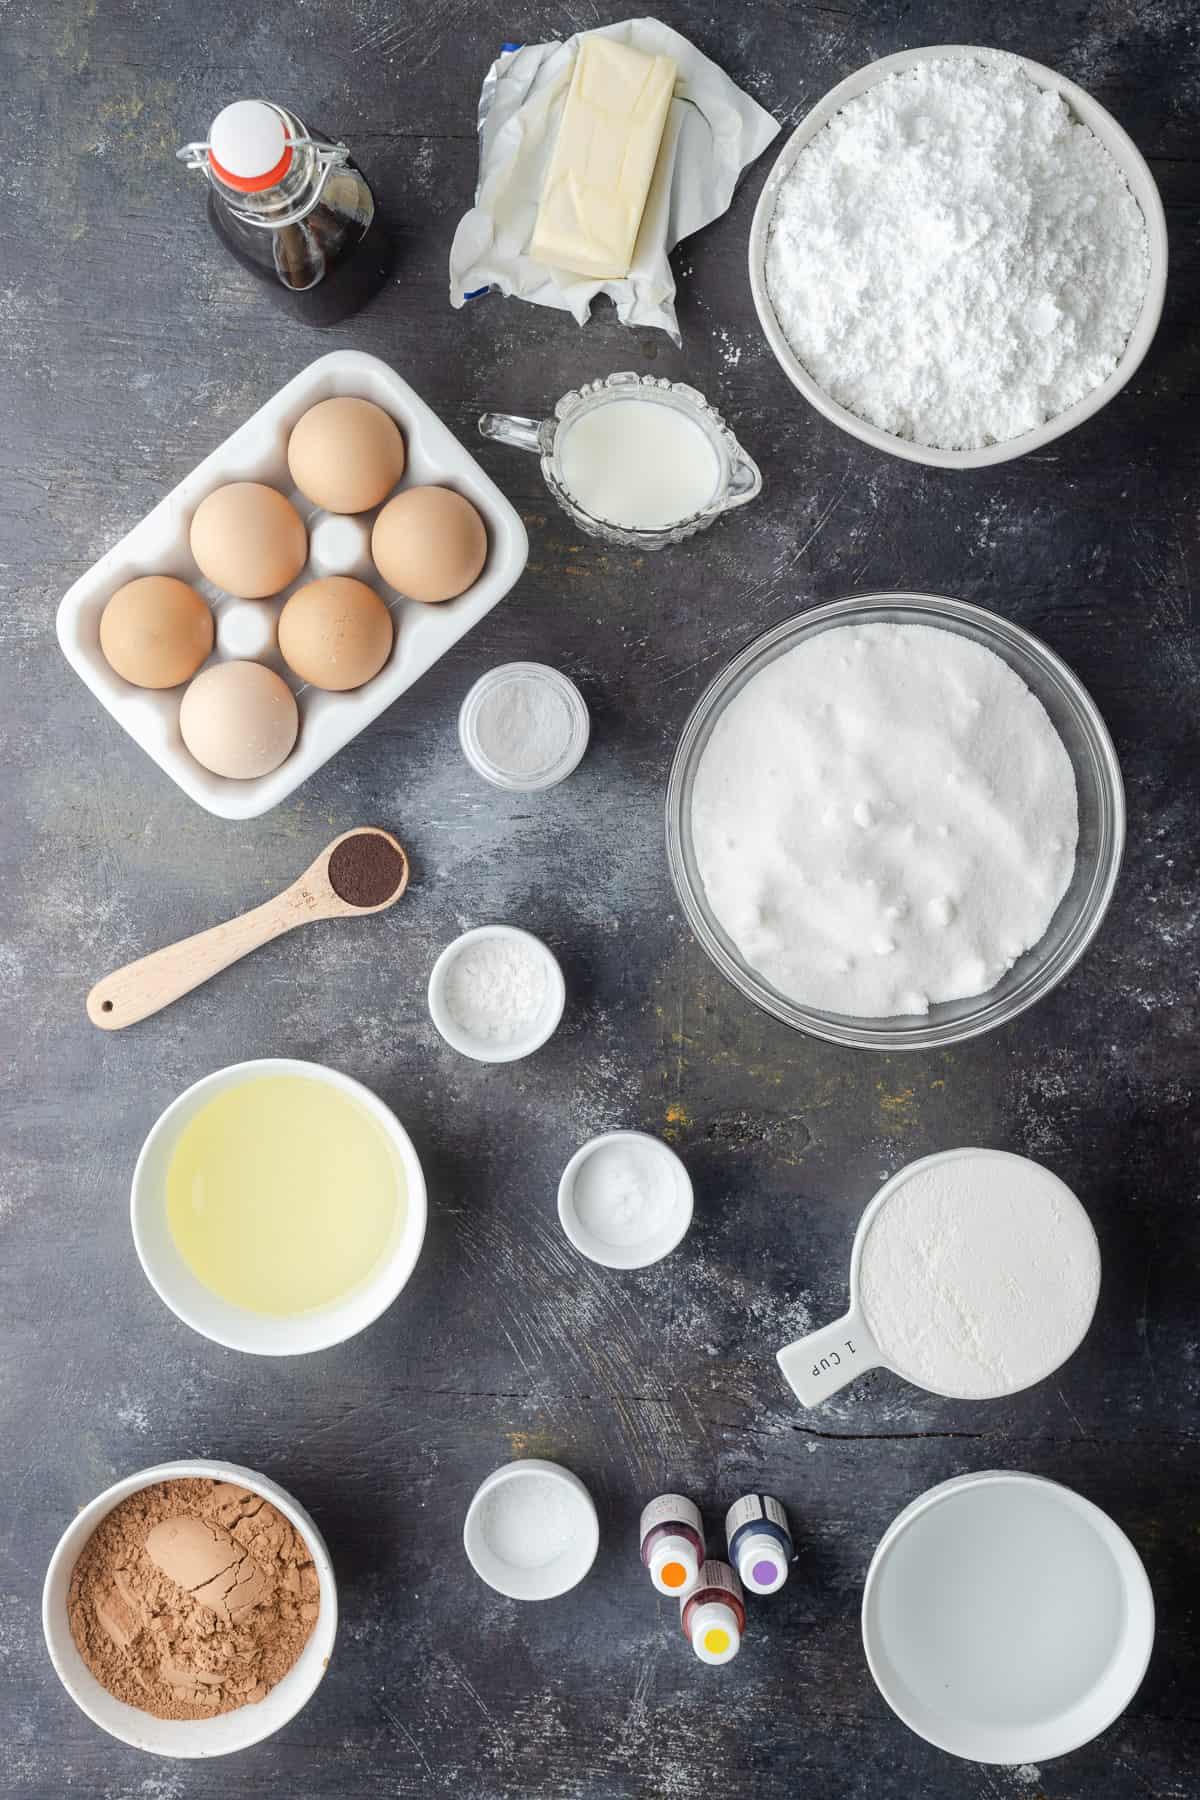 Cupcake ingredients in separate bowls.